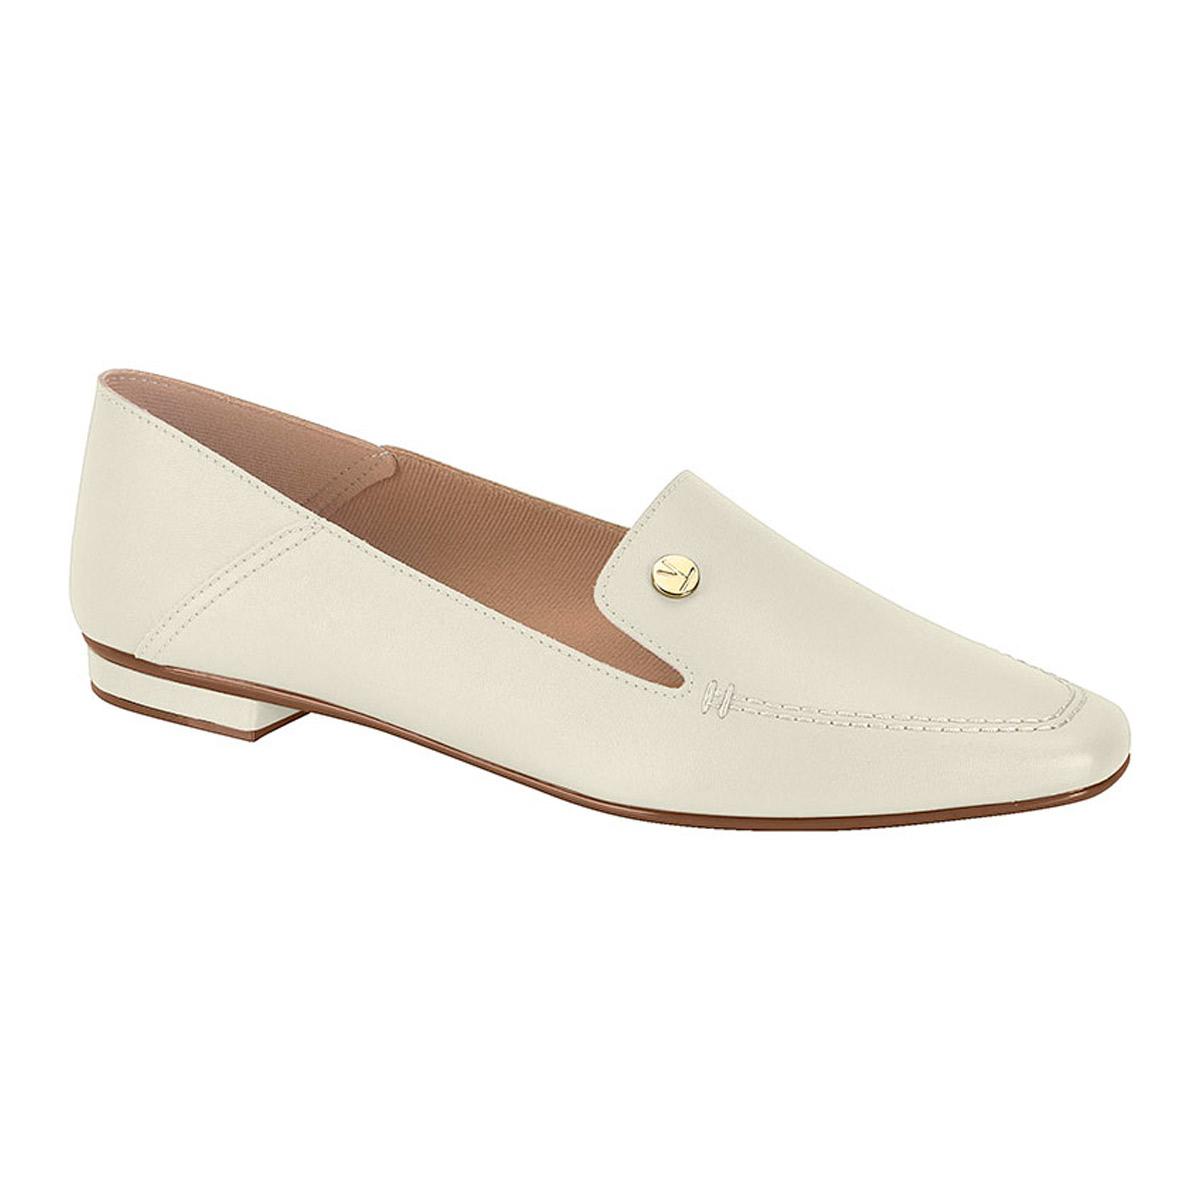 Sapato Loafer Feminino Vizzano 1351.100